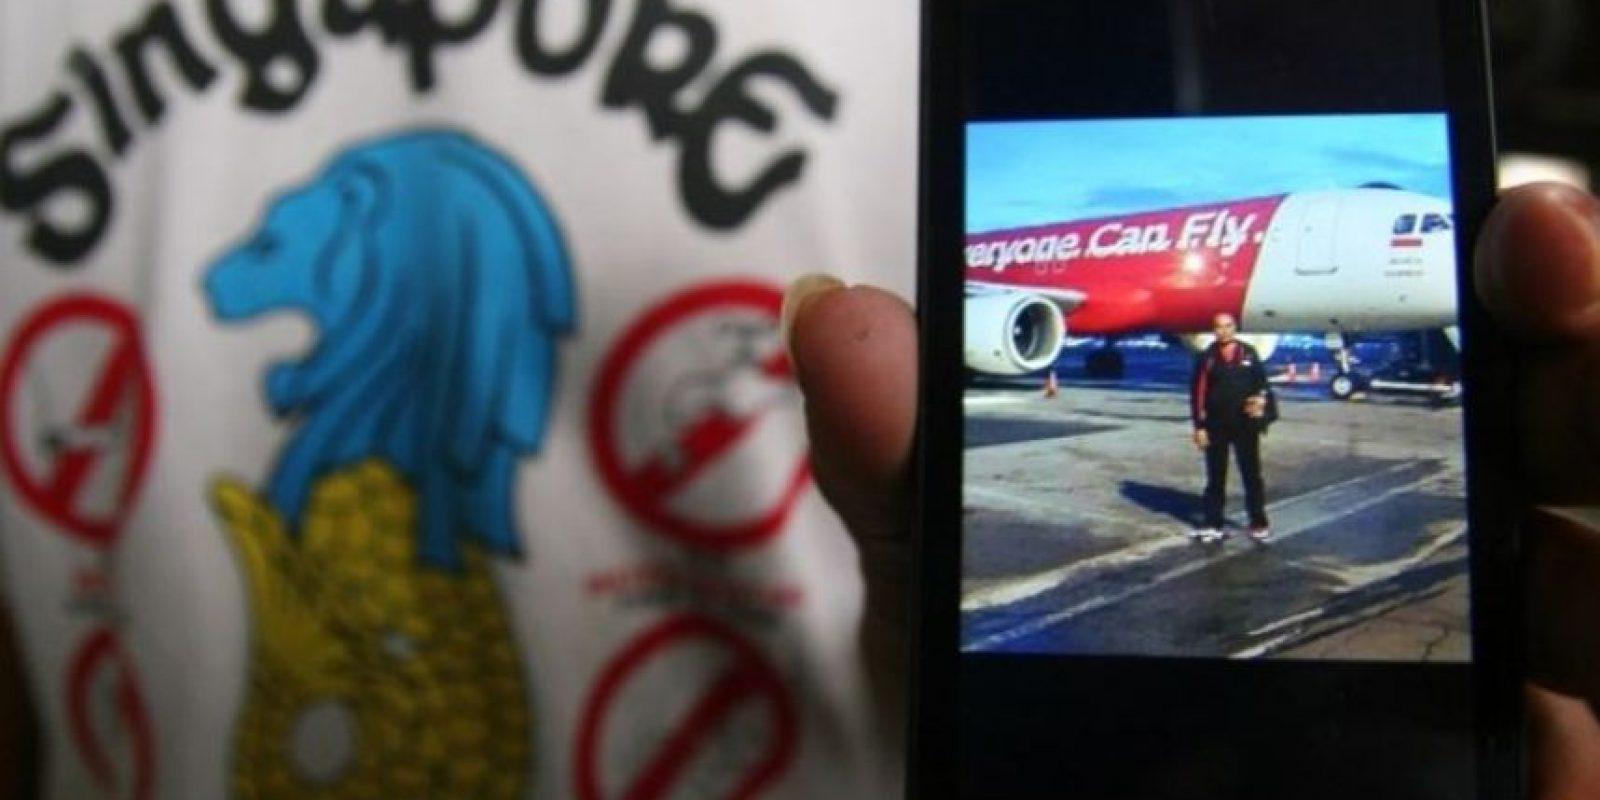 El vuelo de Air Asia perdió contacto con la torre de control de Jakarta el pasado 28 de diciembre, horas antes de llegar a su destino. Debido al mal clima, el vuelo había solicitado una desviación antes de desaparecer. Foto:AFP